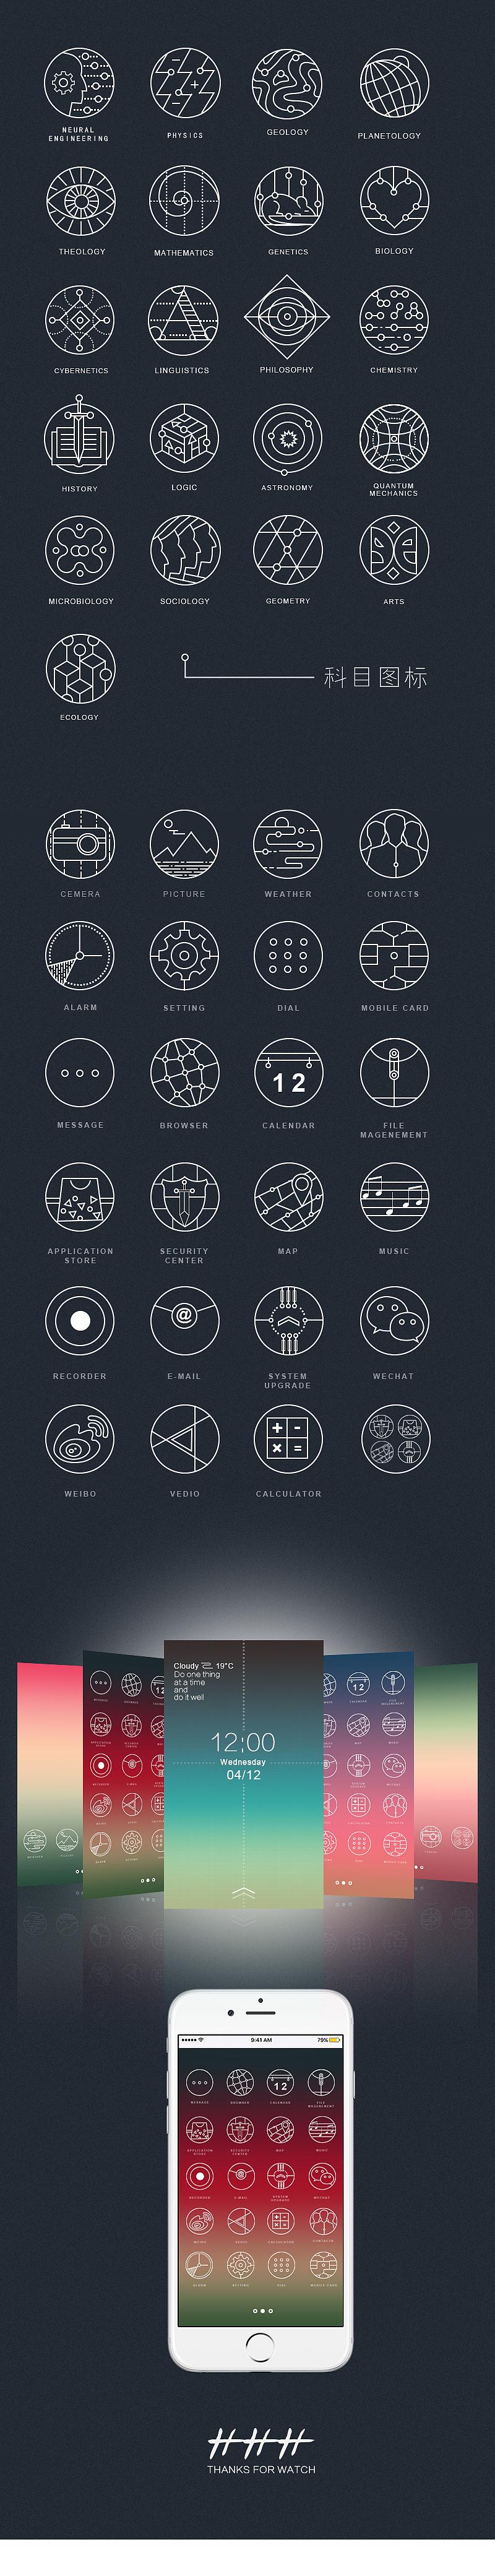 在网上看到极简又很有创意的学科线性学科图标, 然后自己也画了一组